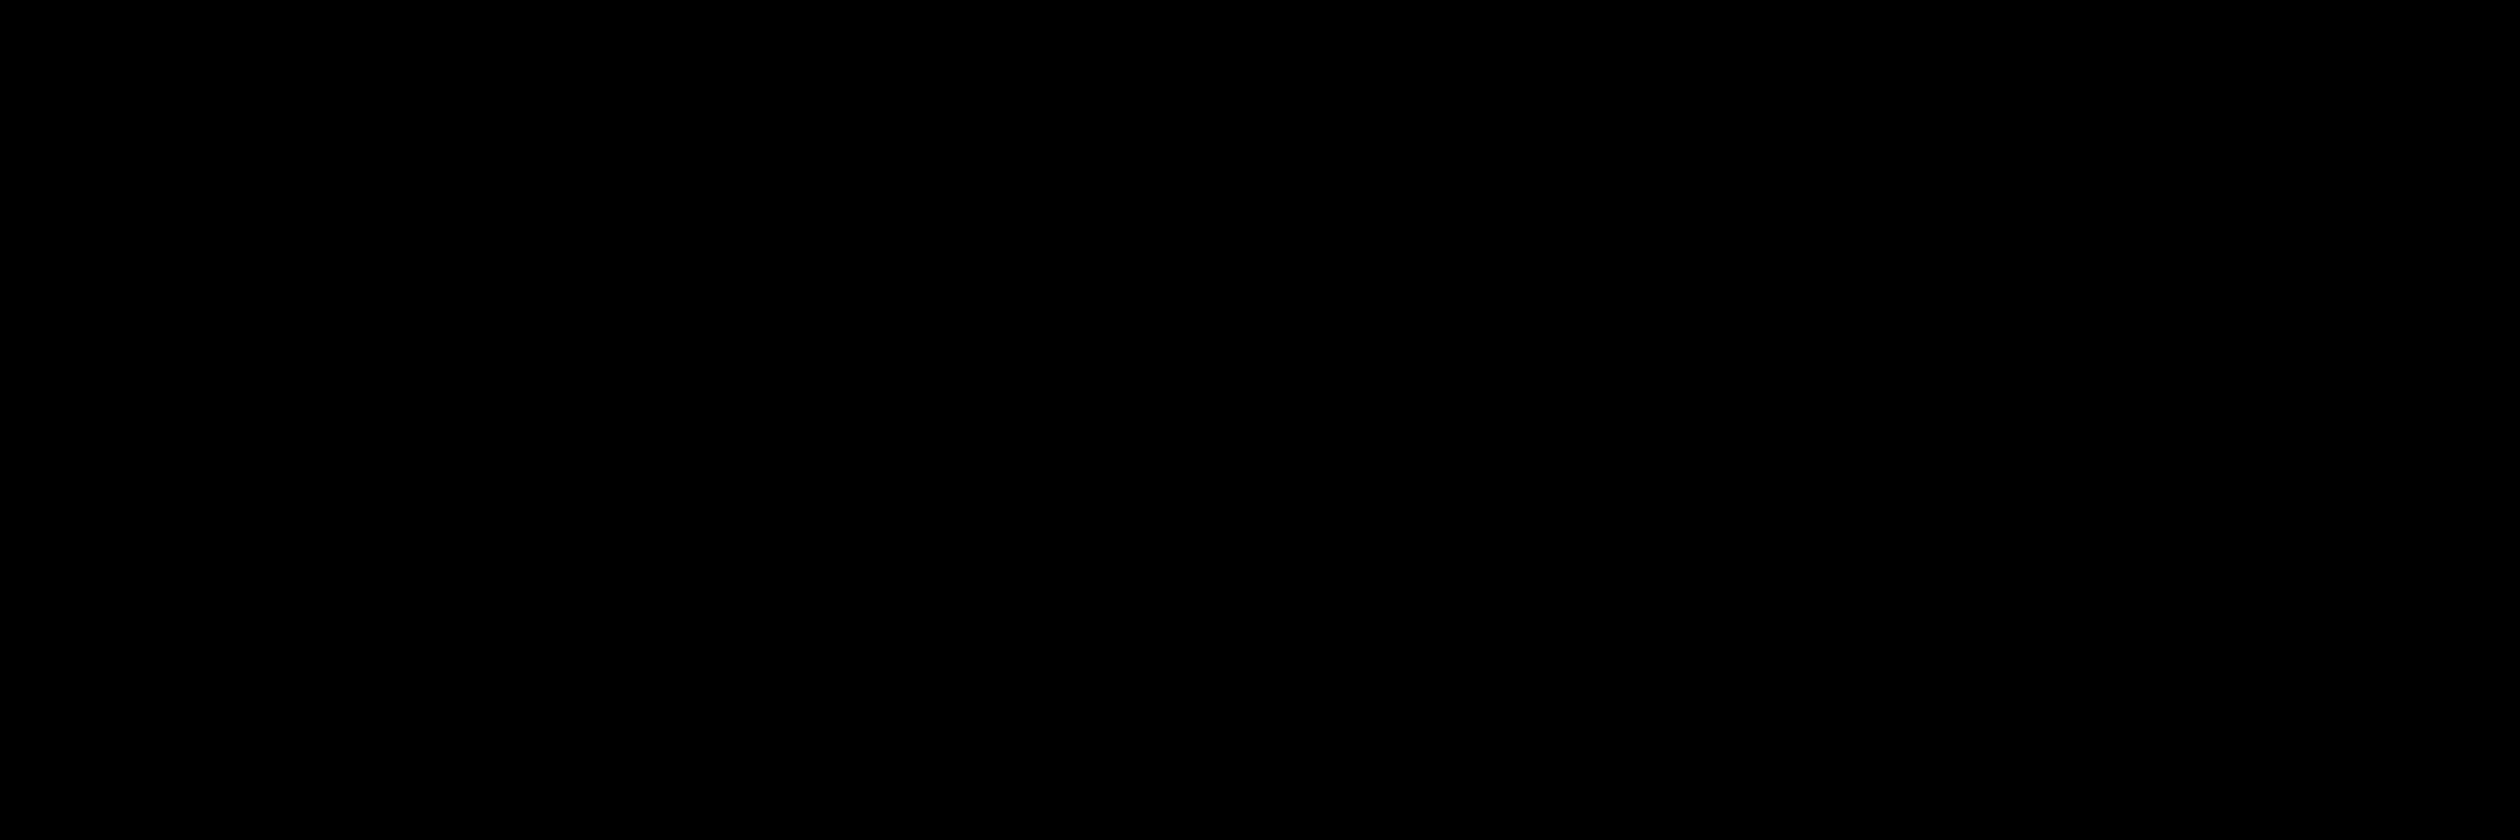 20140611_AFF_FFDIN_Round_Typeface-00